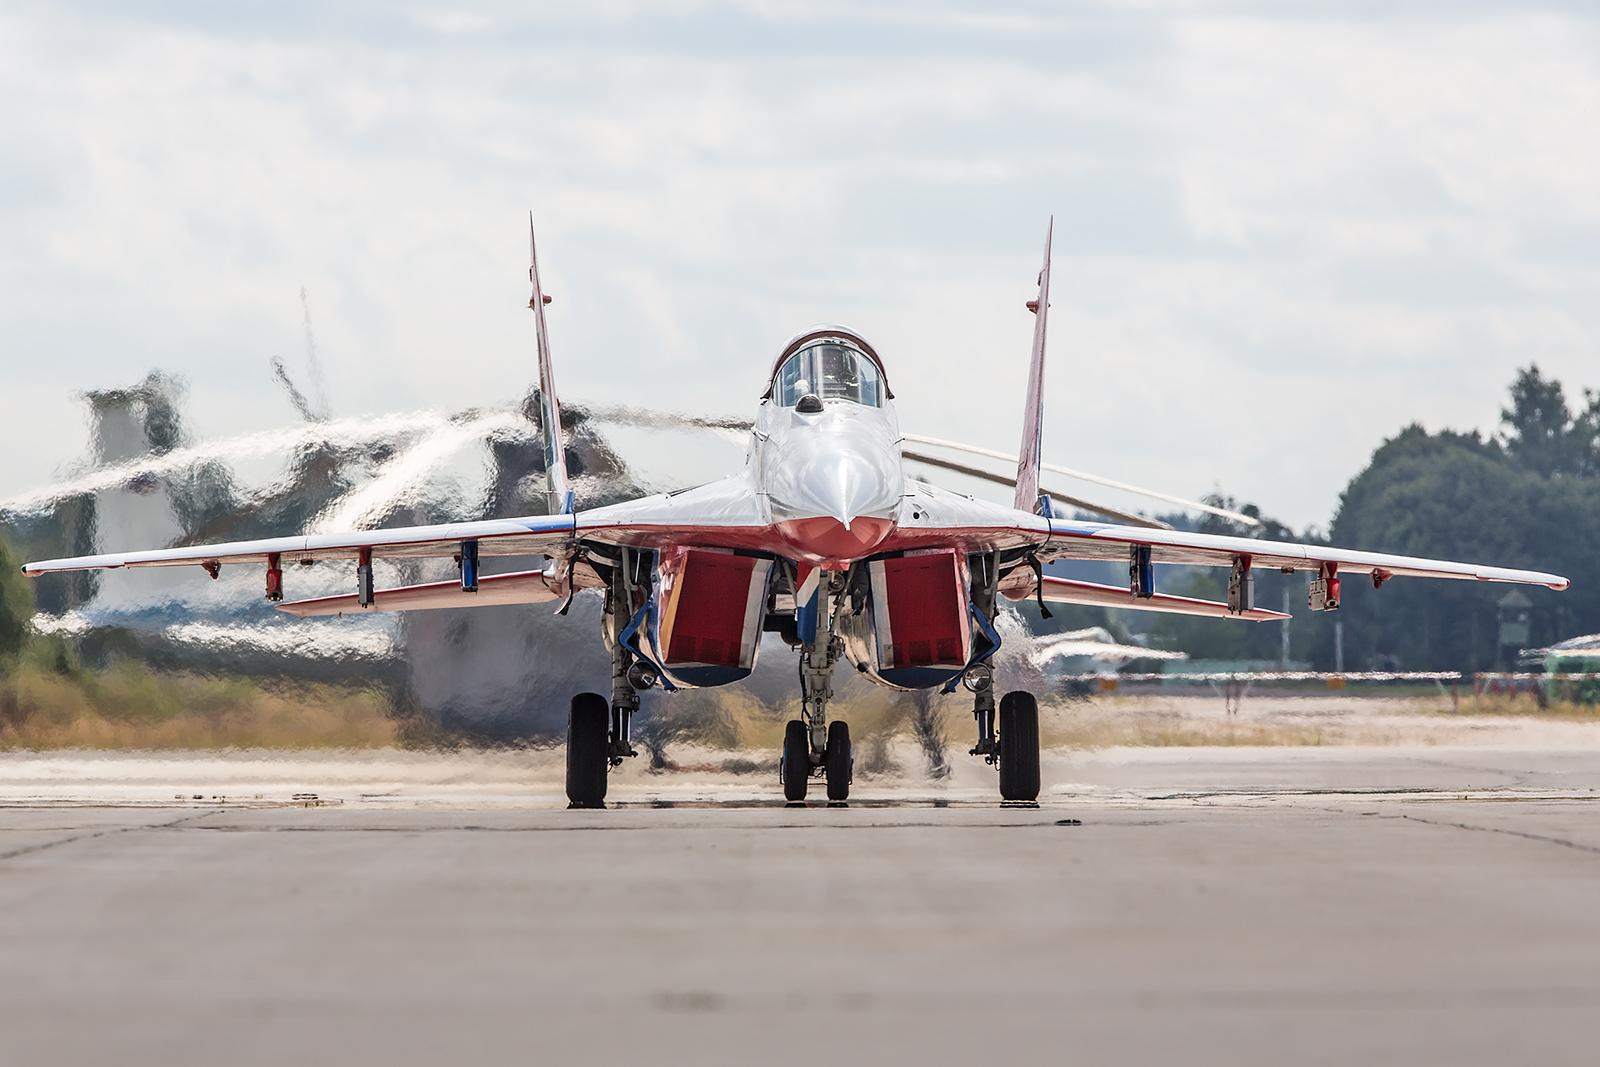 Beim Rollen sind die unteren Lufteinlässe der MiG-29 verschlossen, um keinen Schmutz einzusaugen.